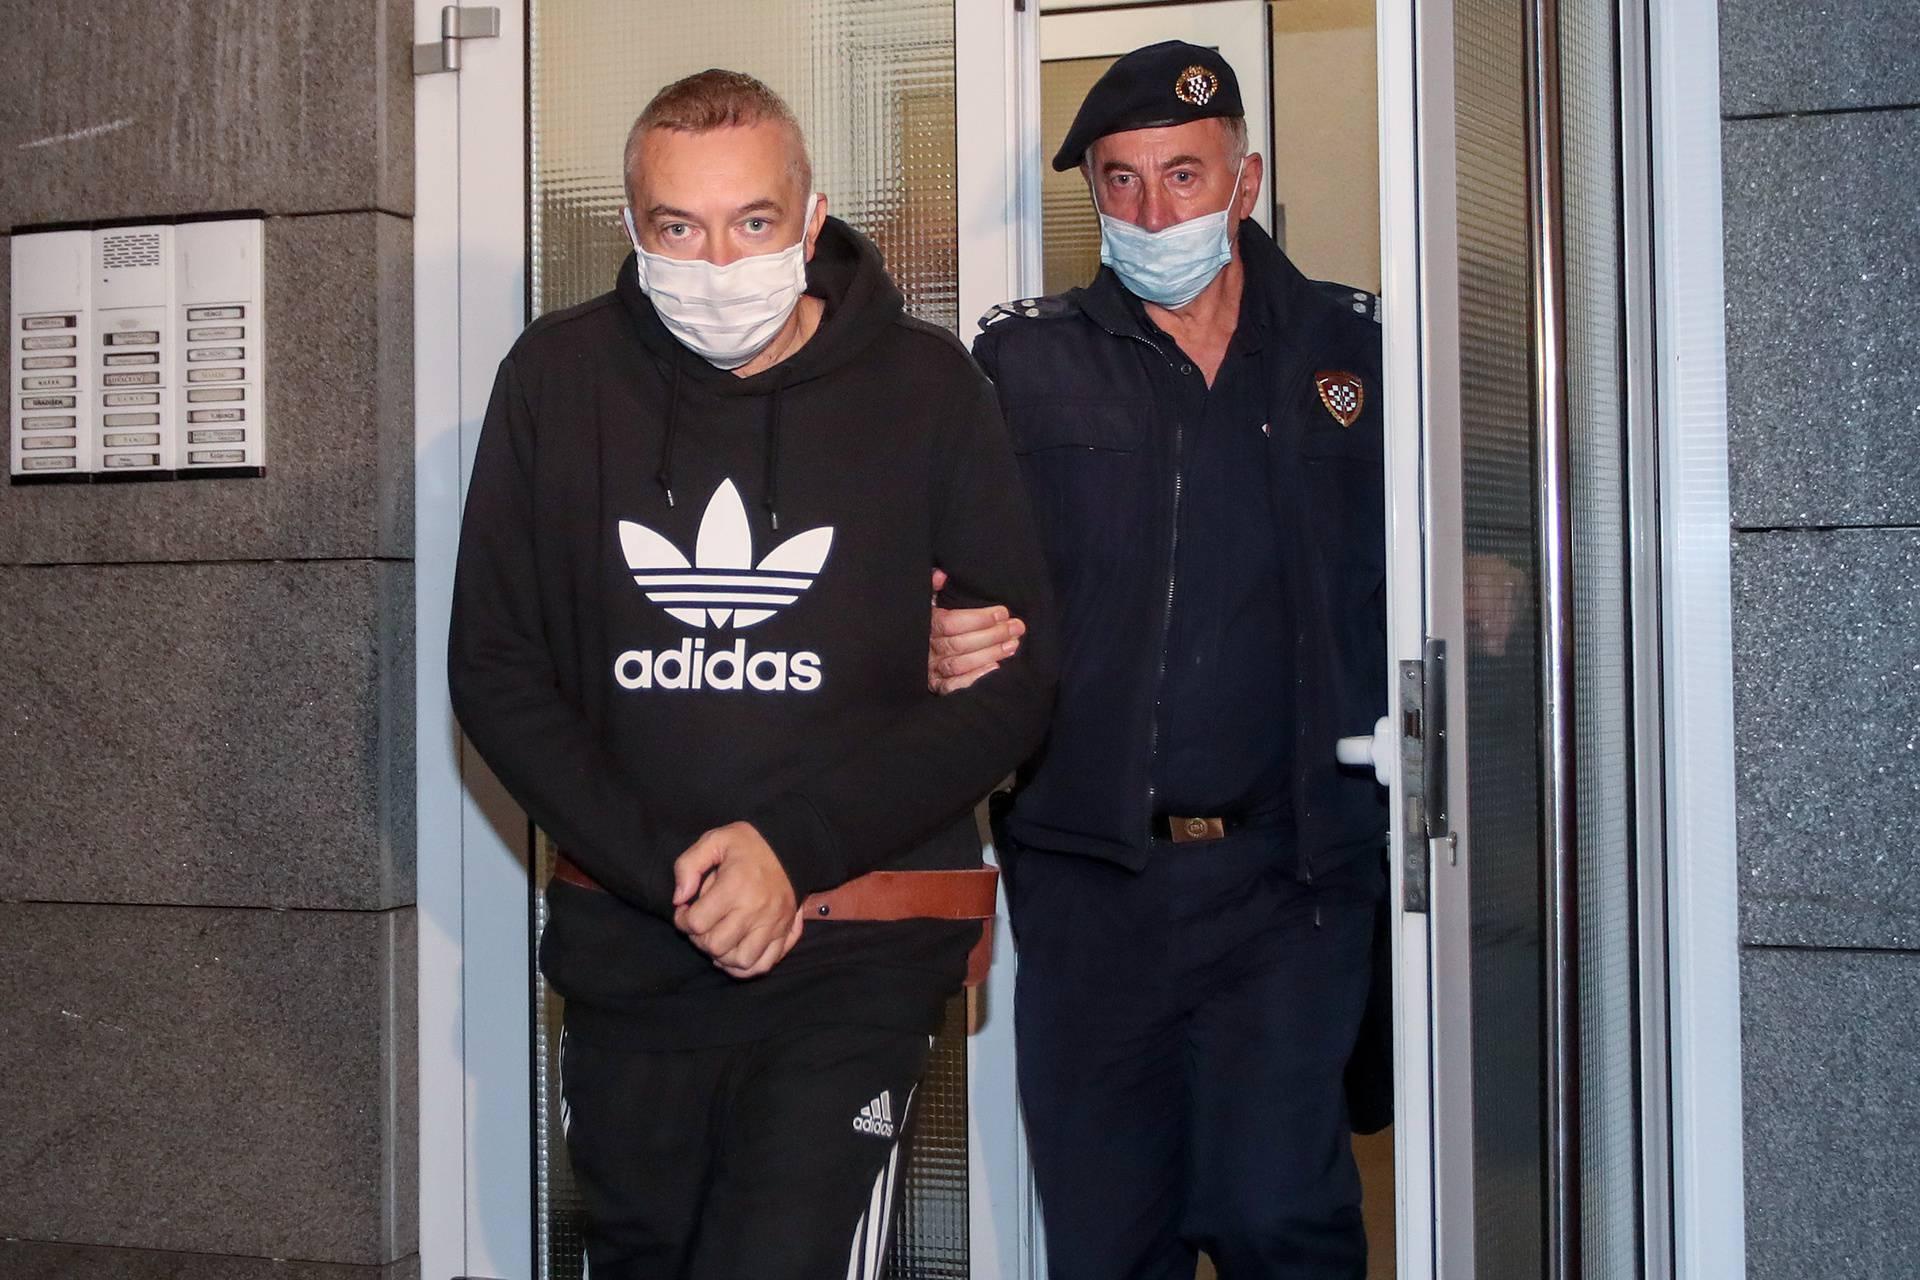 Zagreb: Policija dovela Dragana Kovačevića, bivšeg šefa Janafa na pretres nekretnine koju je koristio